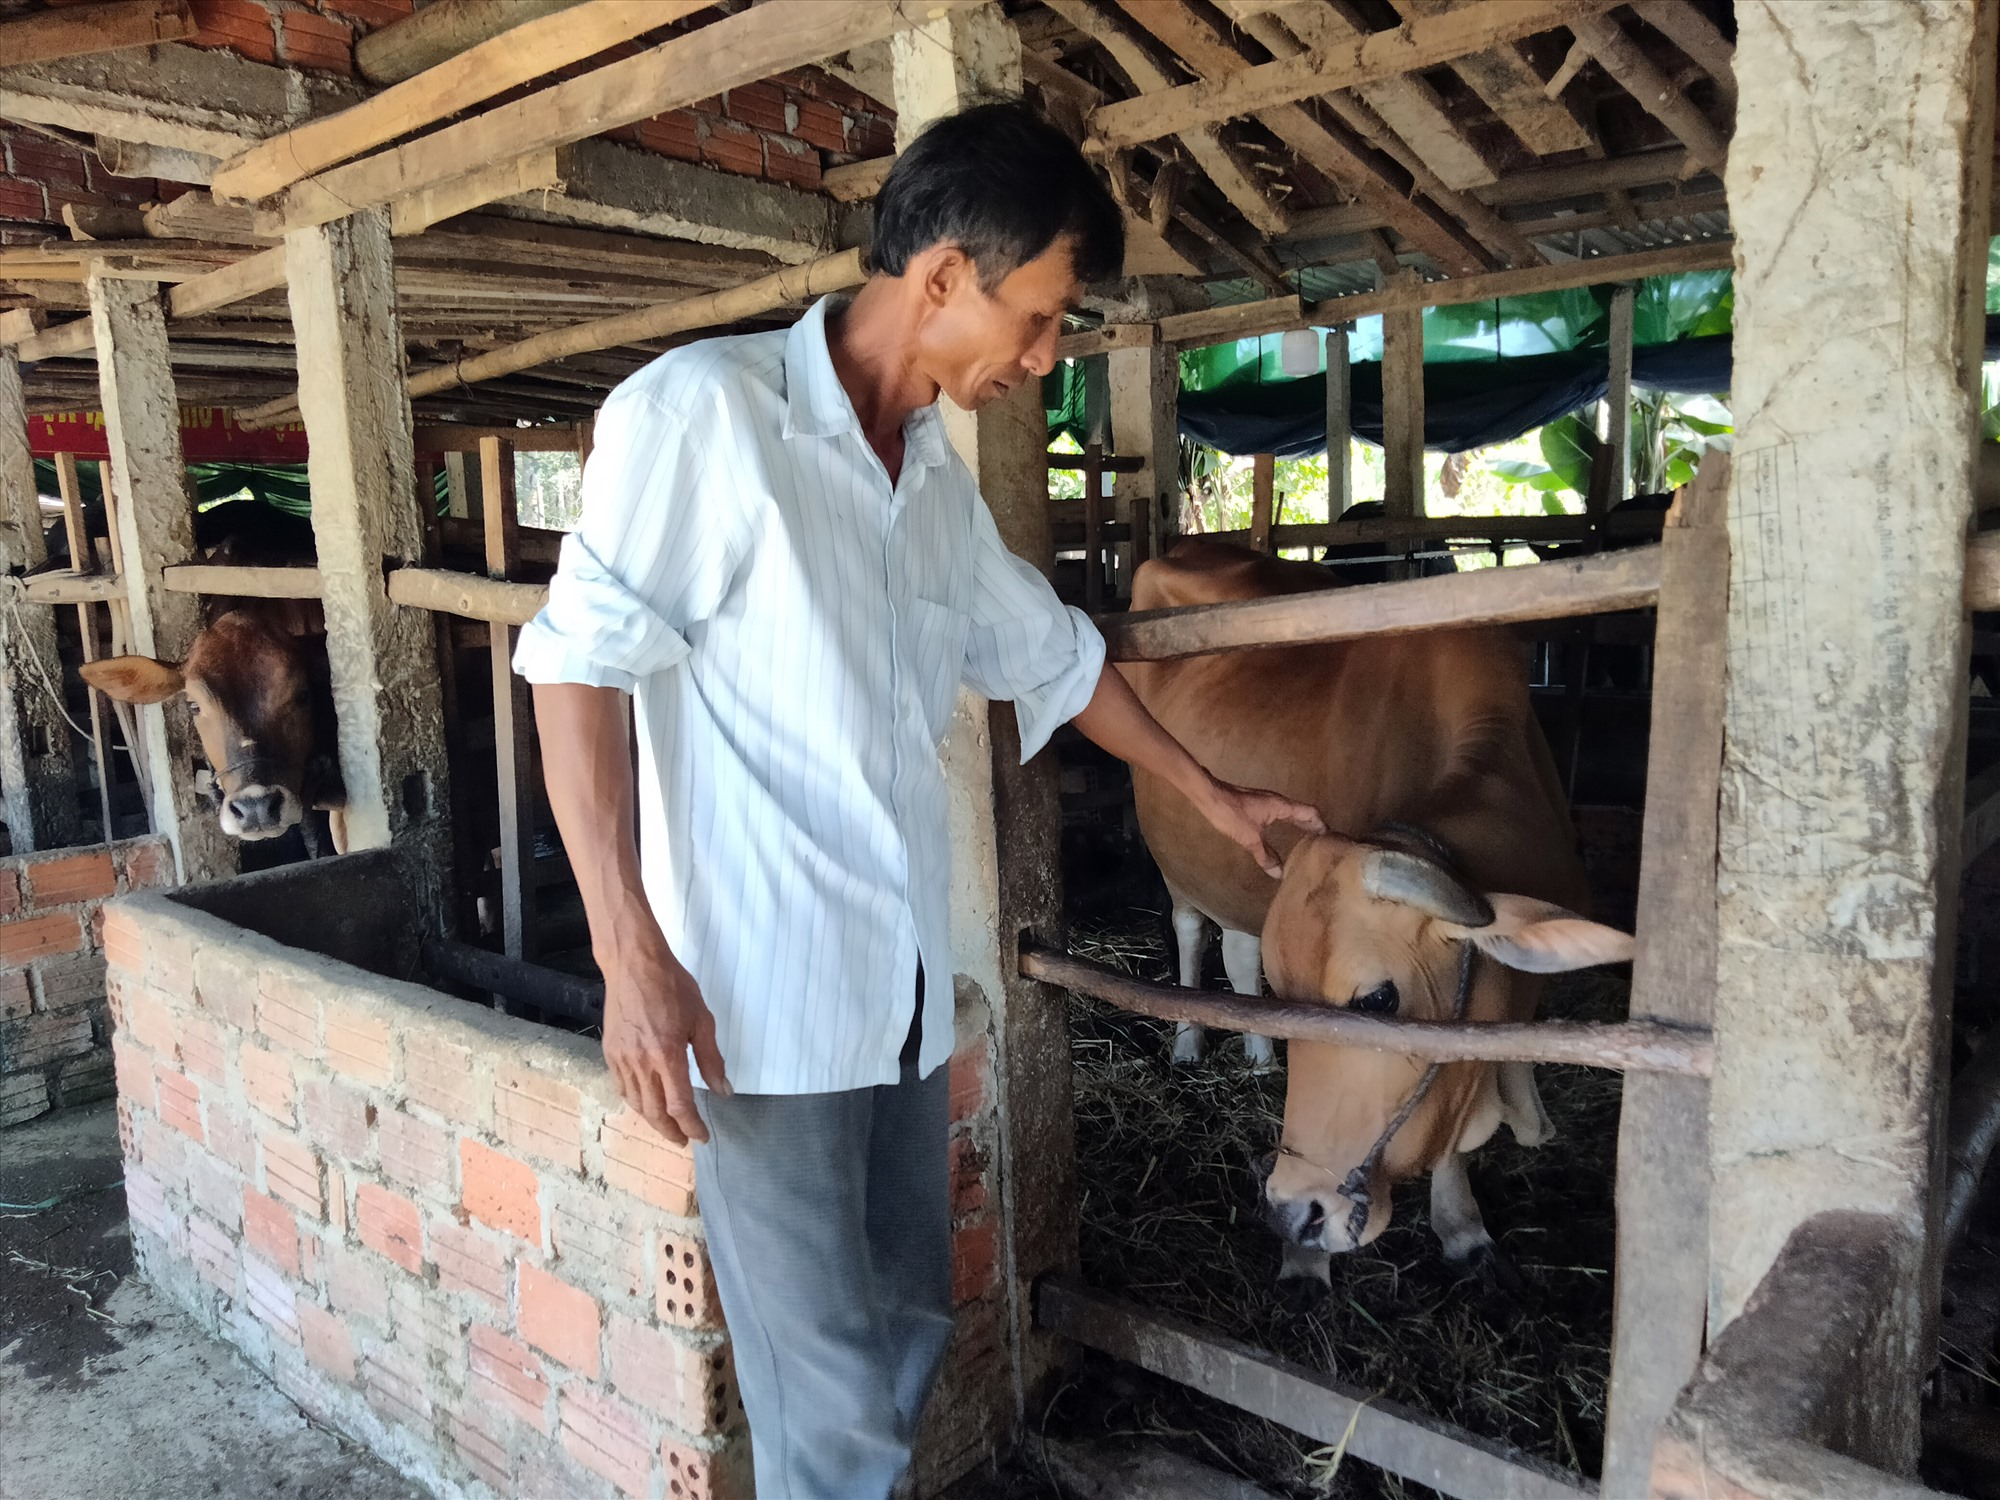 Ông Nguyễn Ba đã chủ động mua vắc xin bệnh viêm da nổi cục về tiêm phòng cho đàn bò 11 con của gia đình. Ảnh: T.T